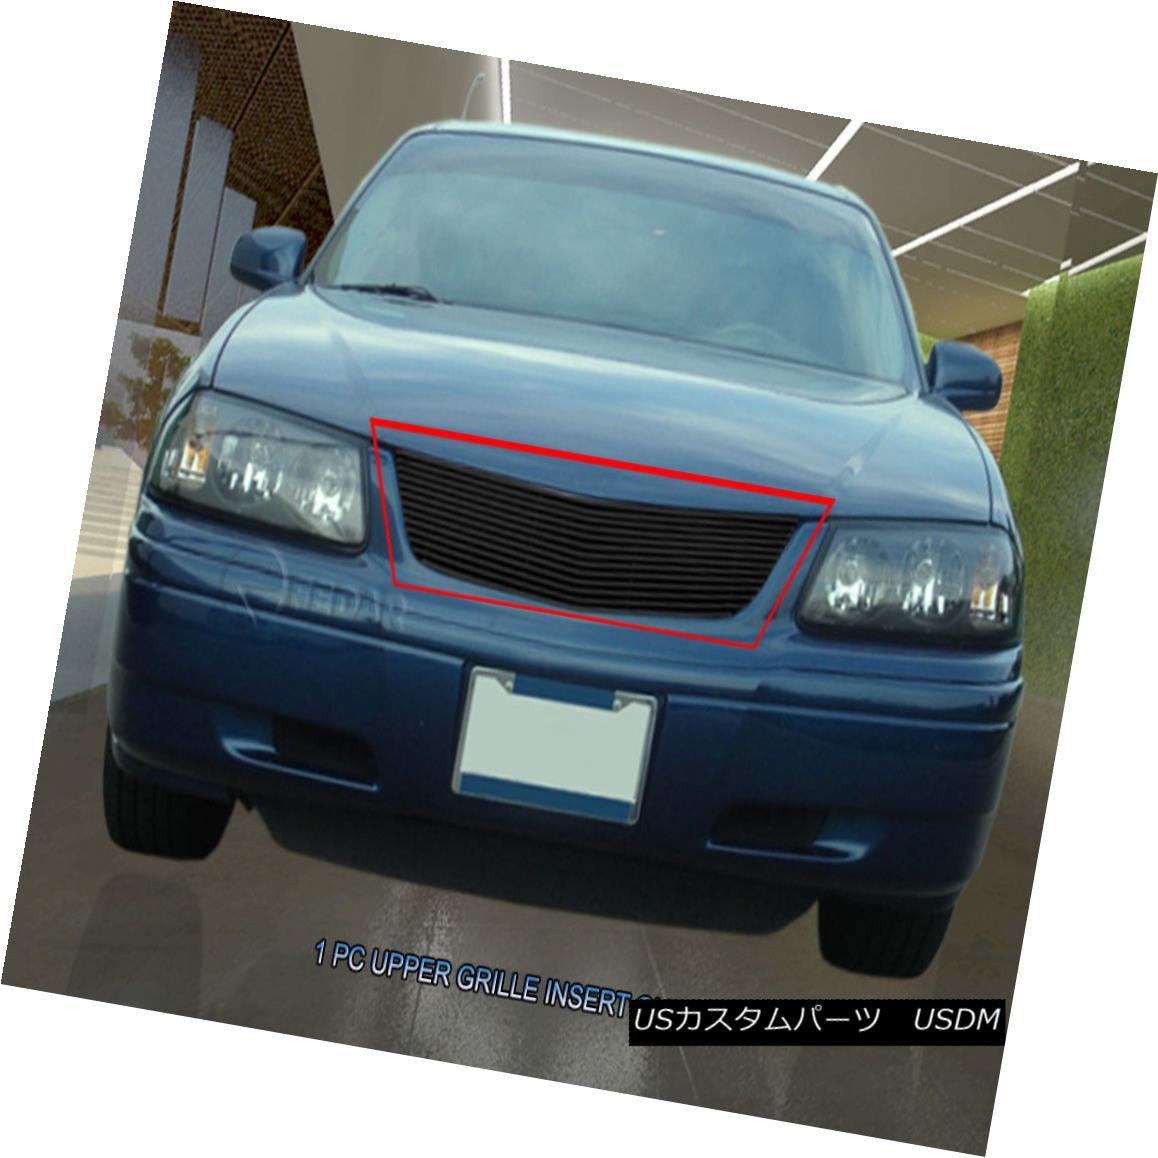 グリル Fedar Fits 2000-2005 Chevy Impala Black Main Upper Billet Grille Fedarは2000-2005年に合うChevy Impala Blackメインアッパービレットグリル